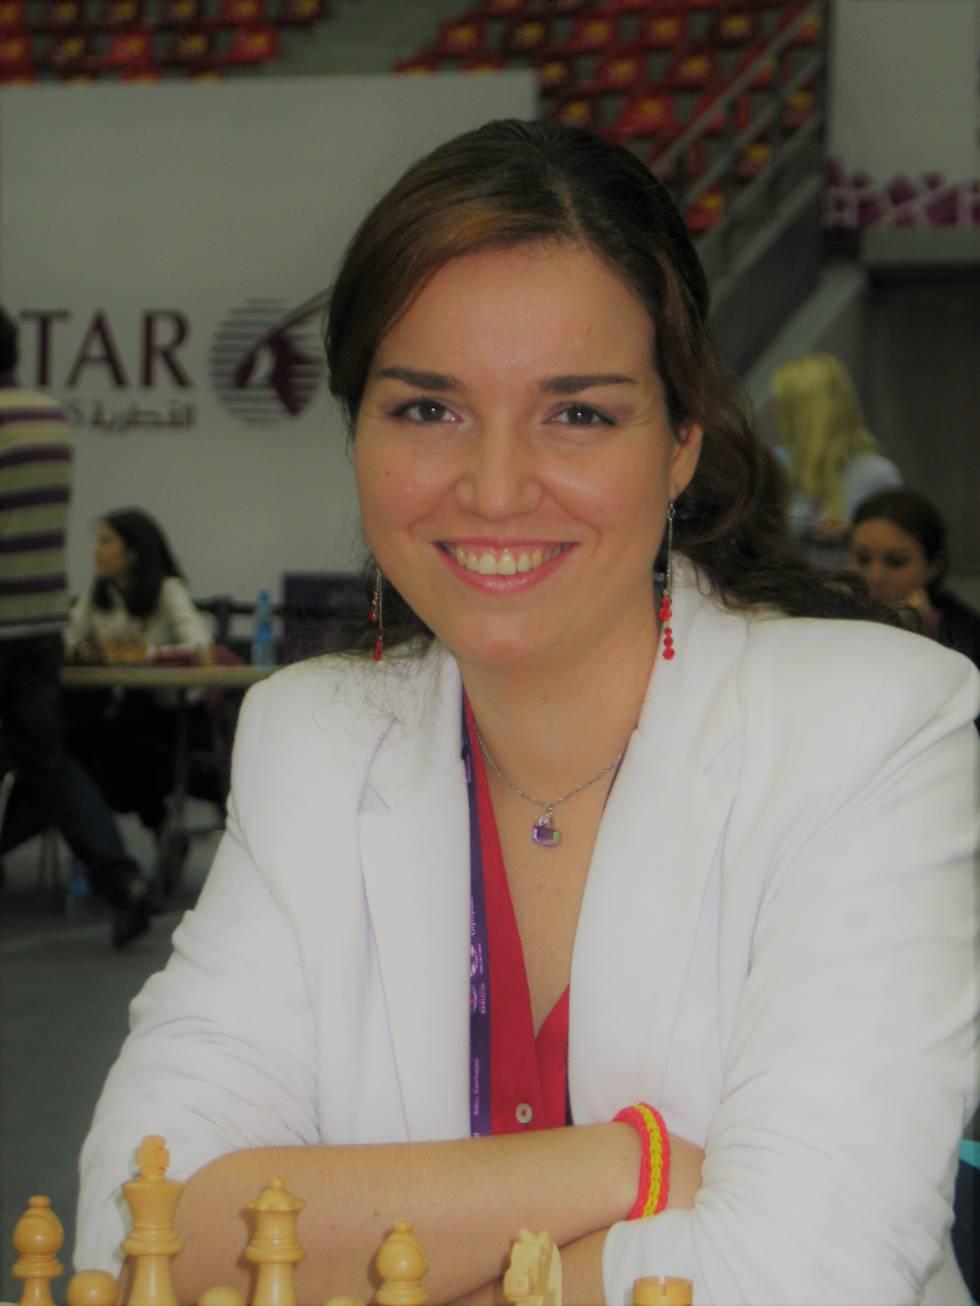 Sabrina Vega, en 2016 durante la Olimpiada de Bakú (Azerbaiyán)